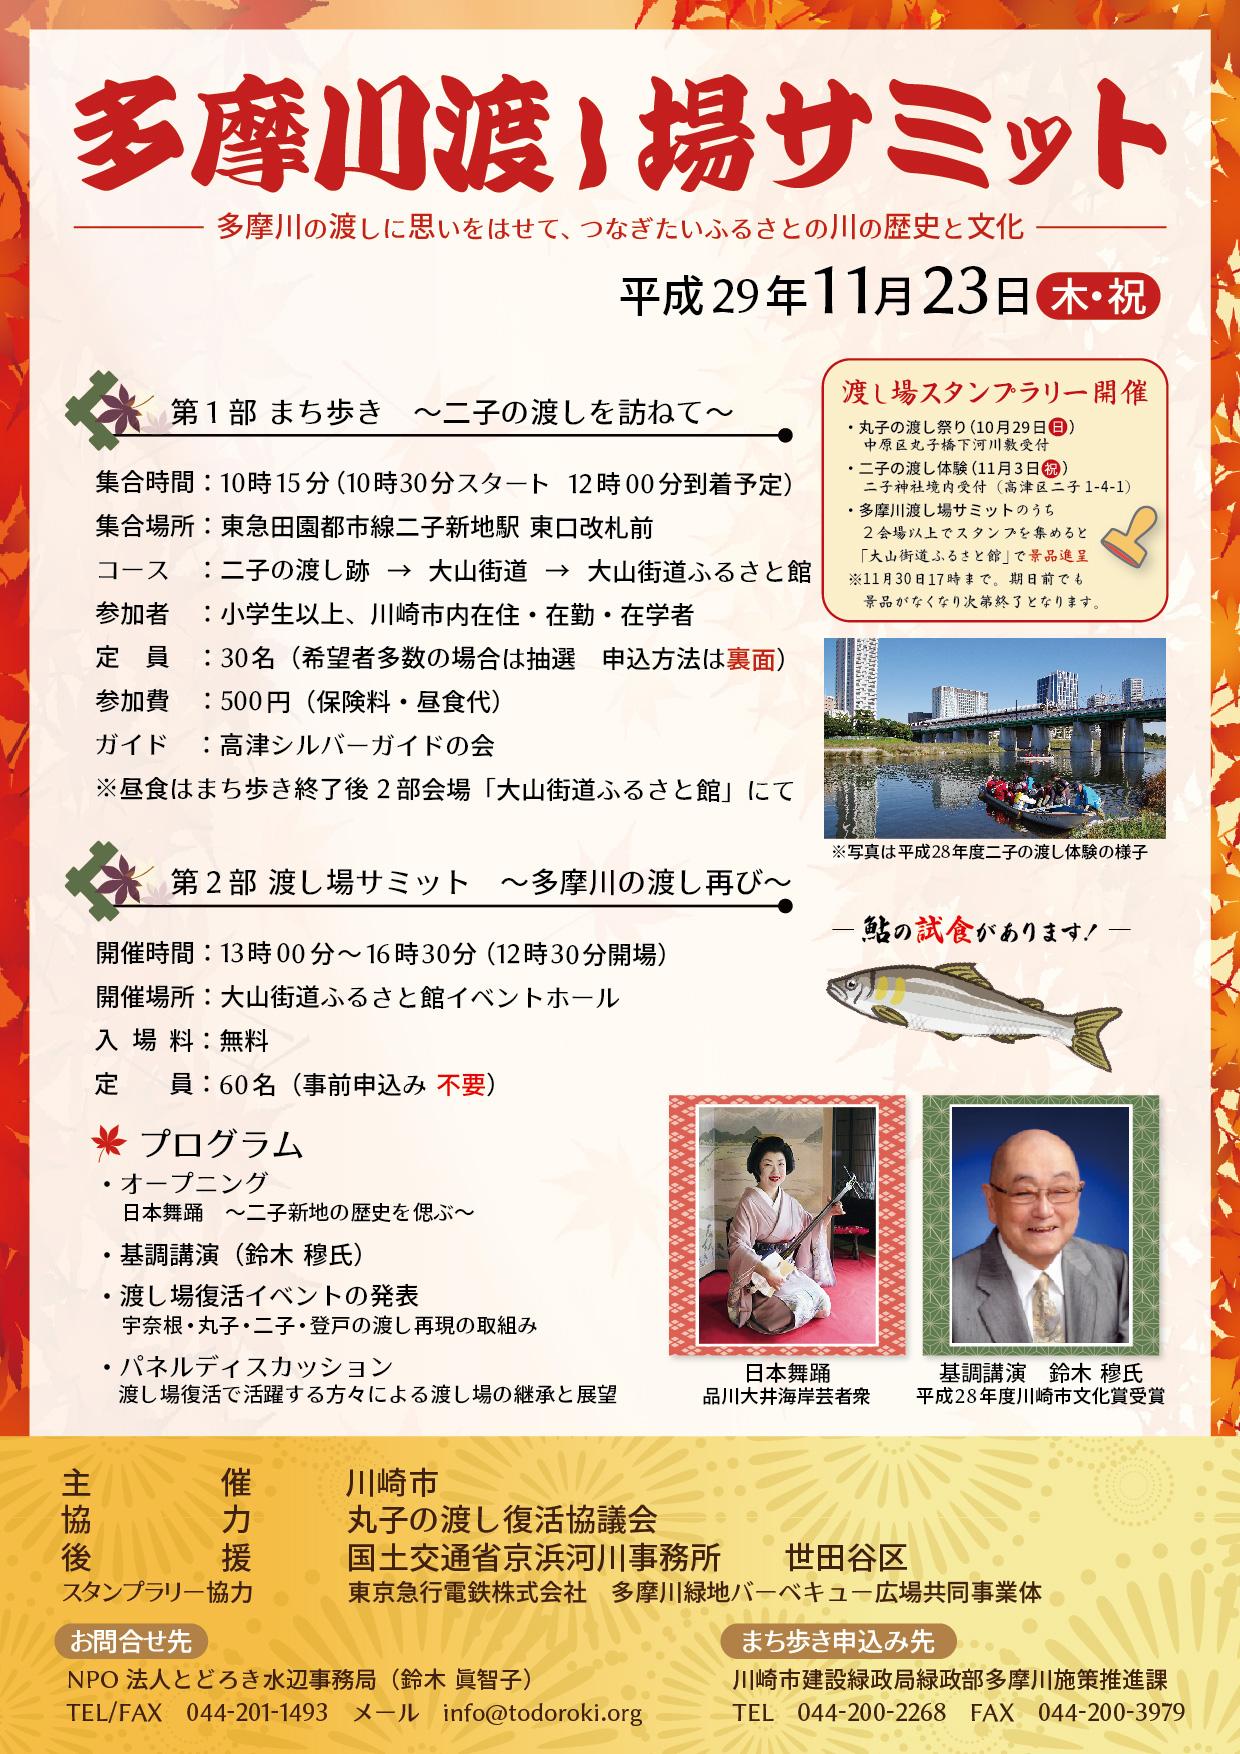 多摩川渡し場サミット チラシ表